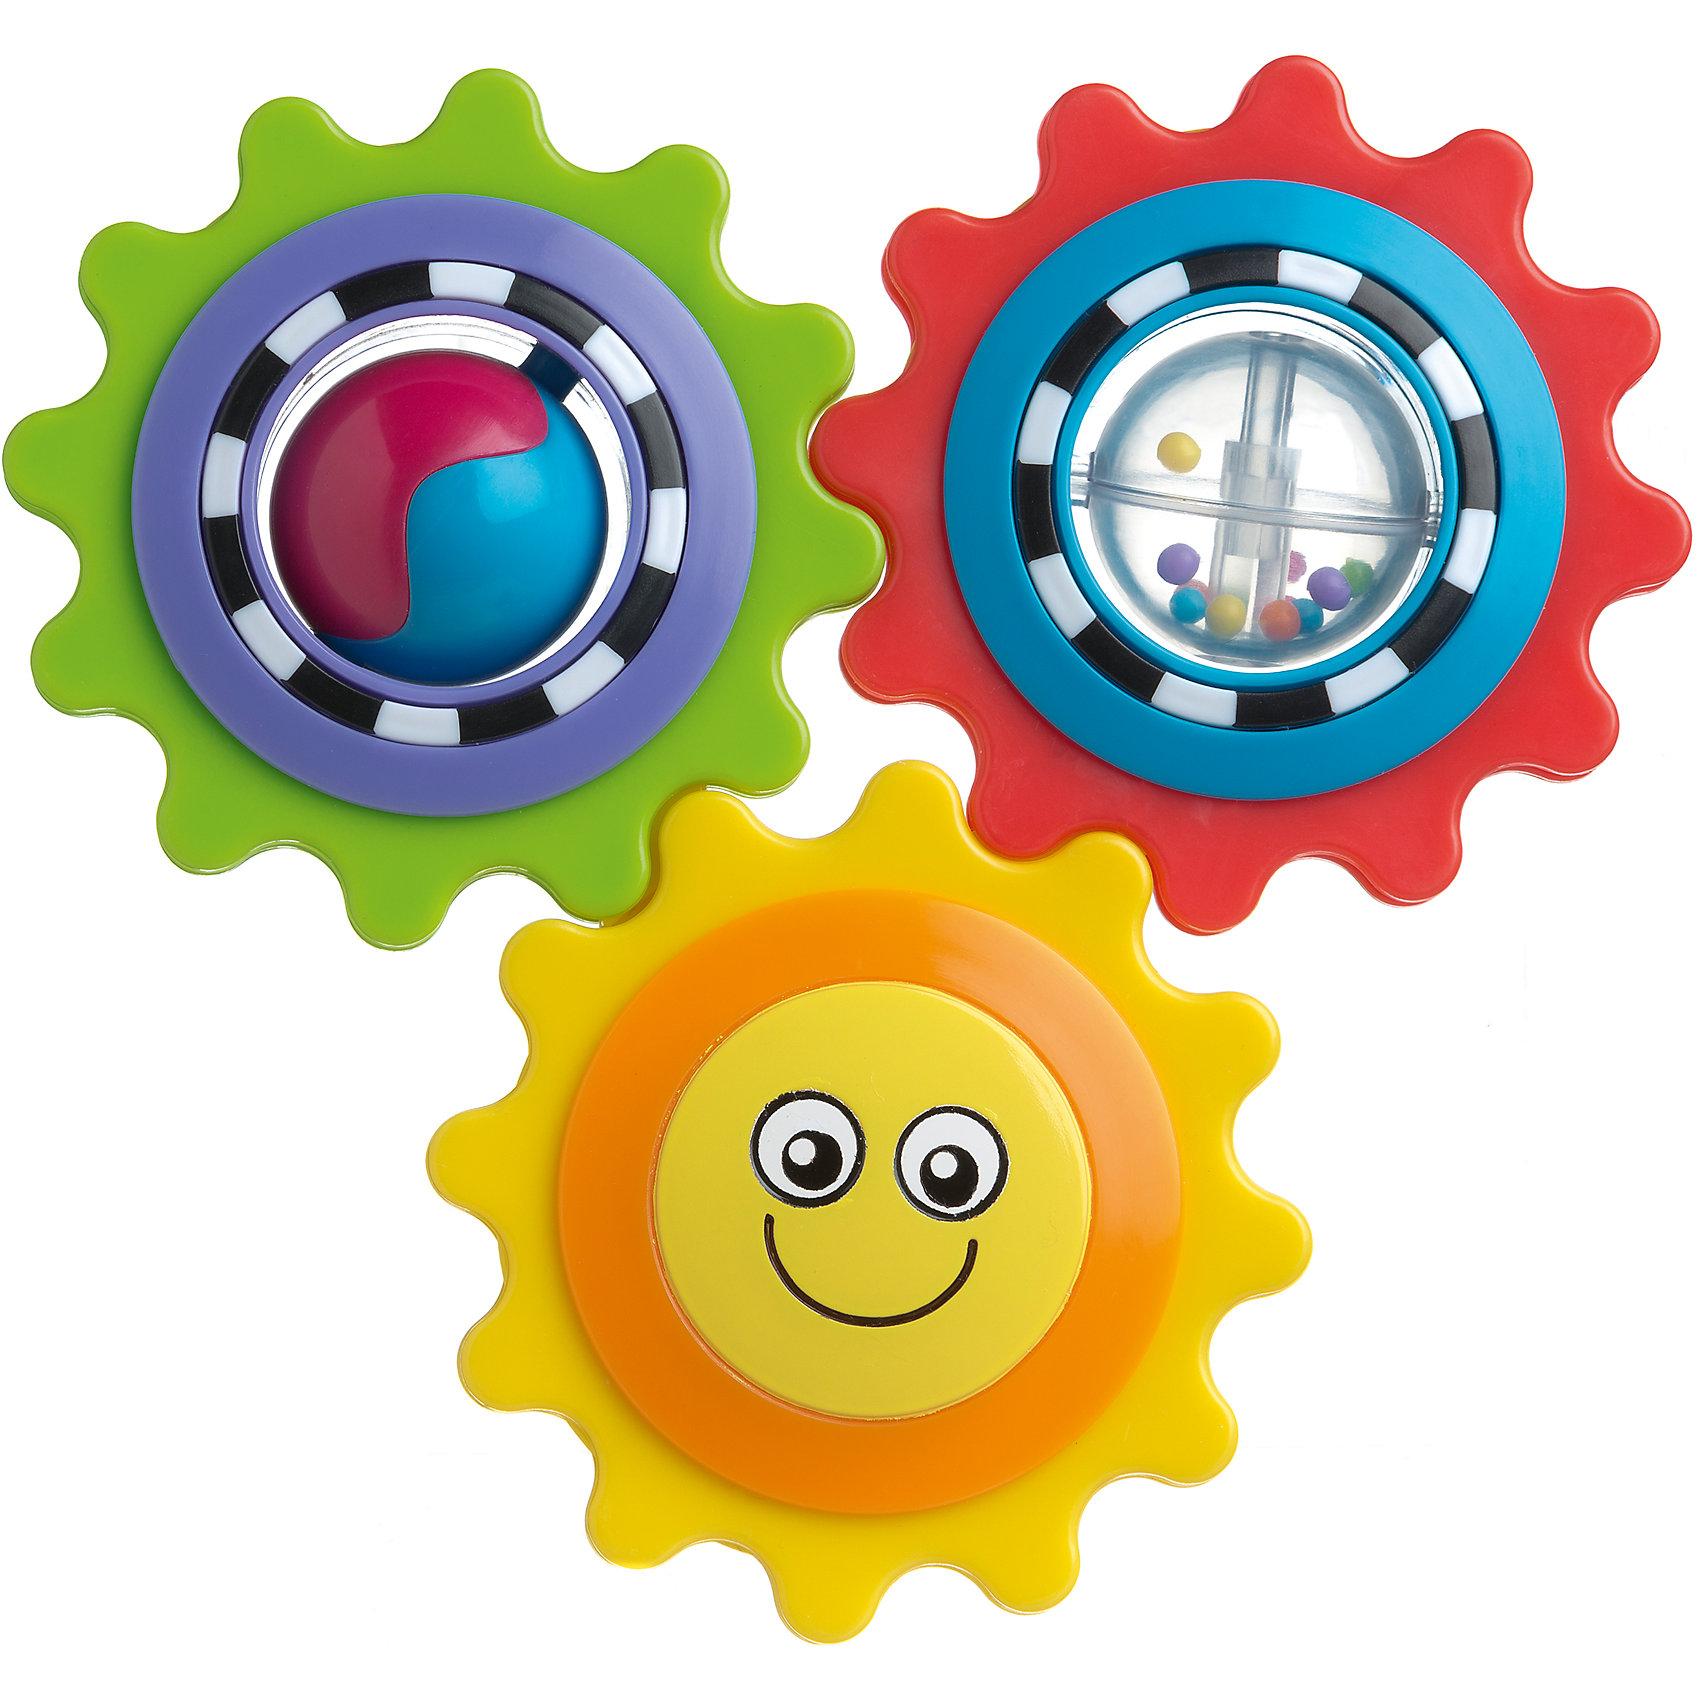 Playgro Игрушка развивающая Веселое солнышко, Playgro